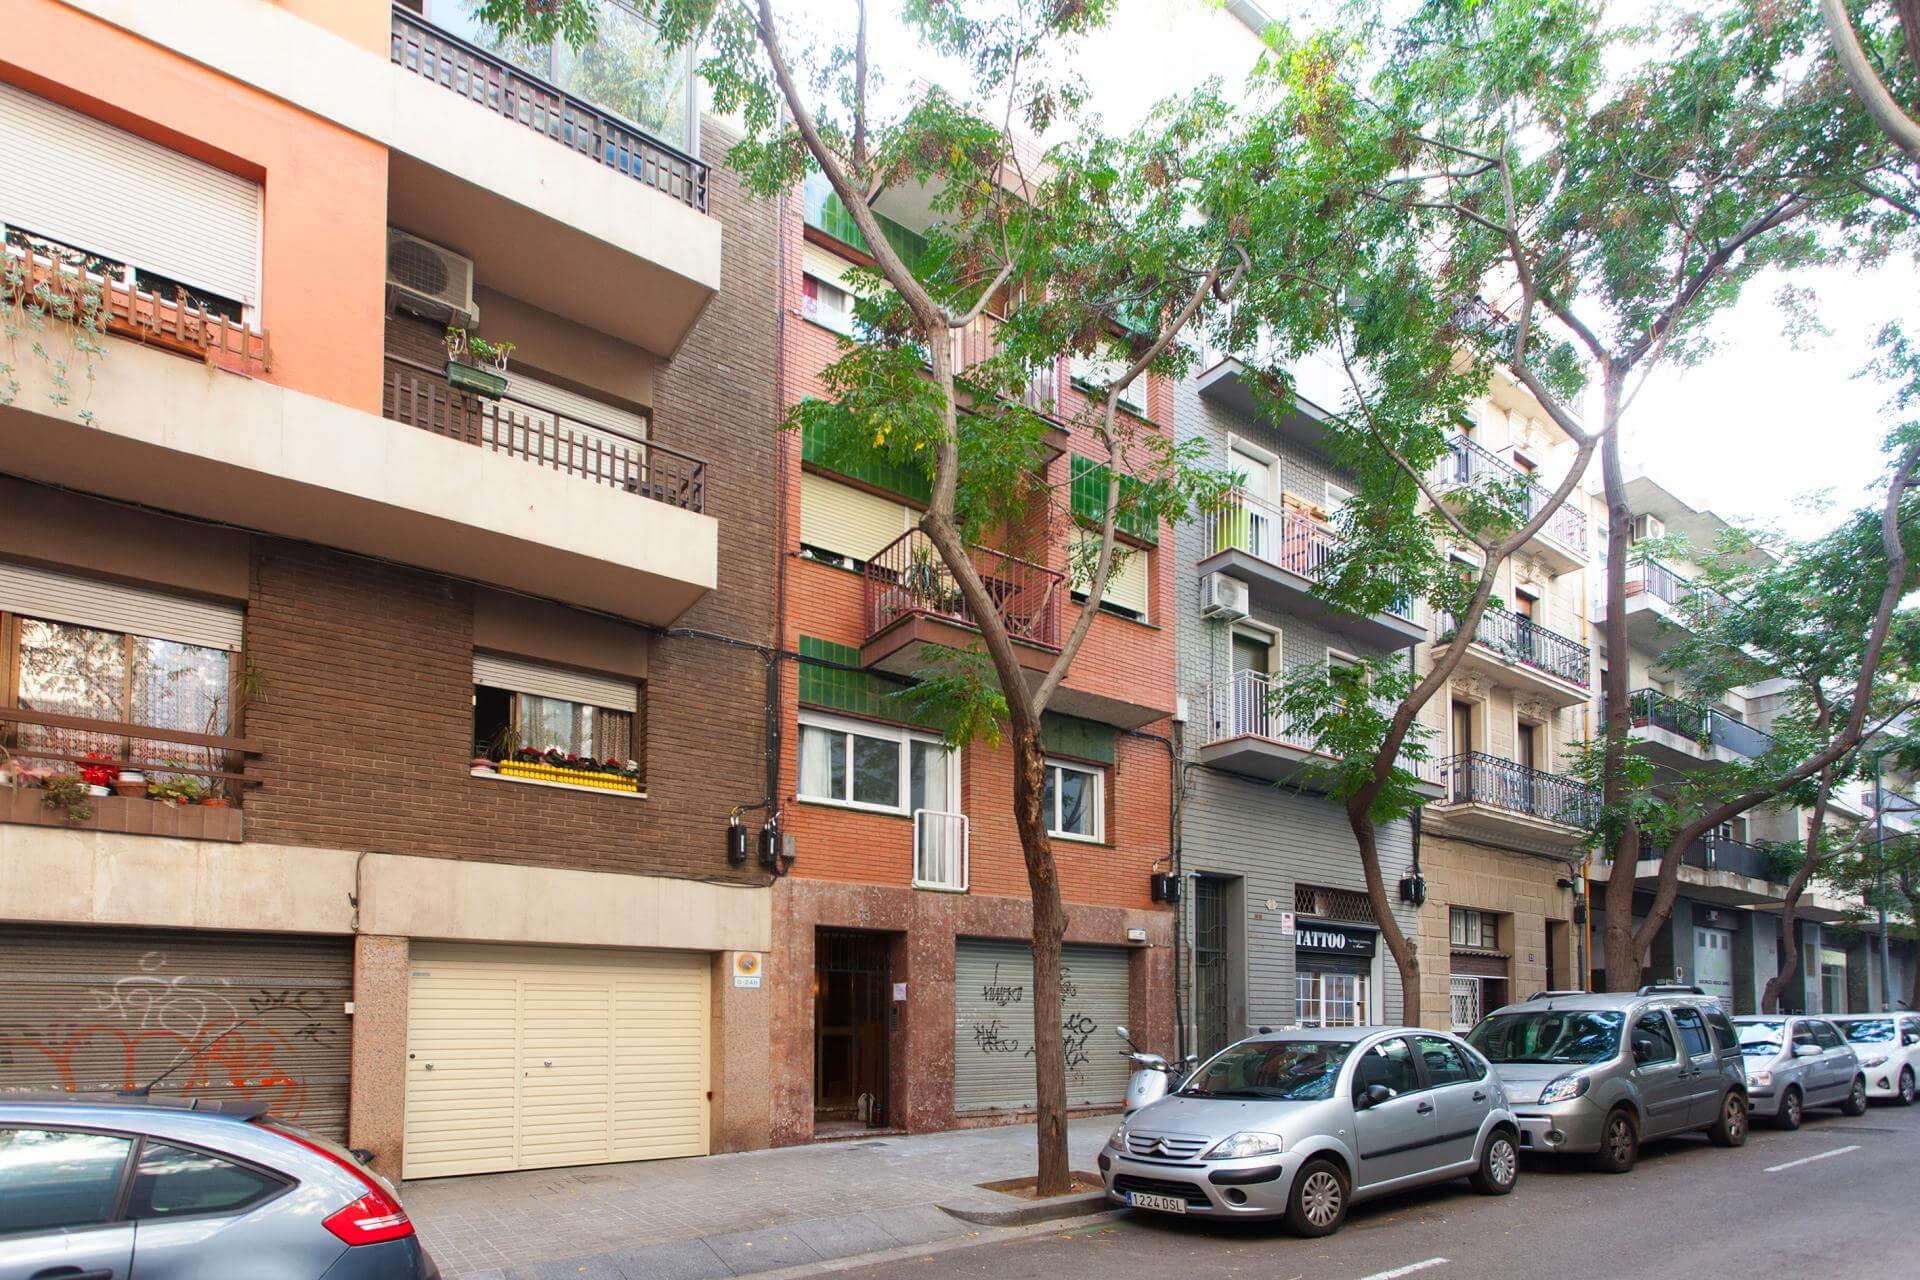 Shbarcelona appartement en location barcelone for Location appartement design barcelone